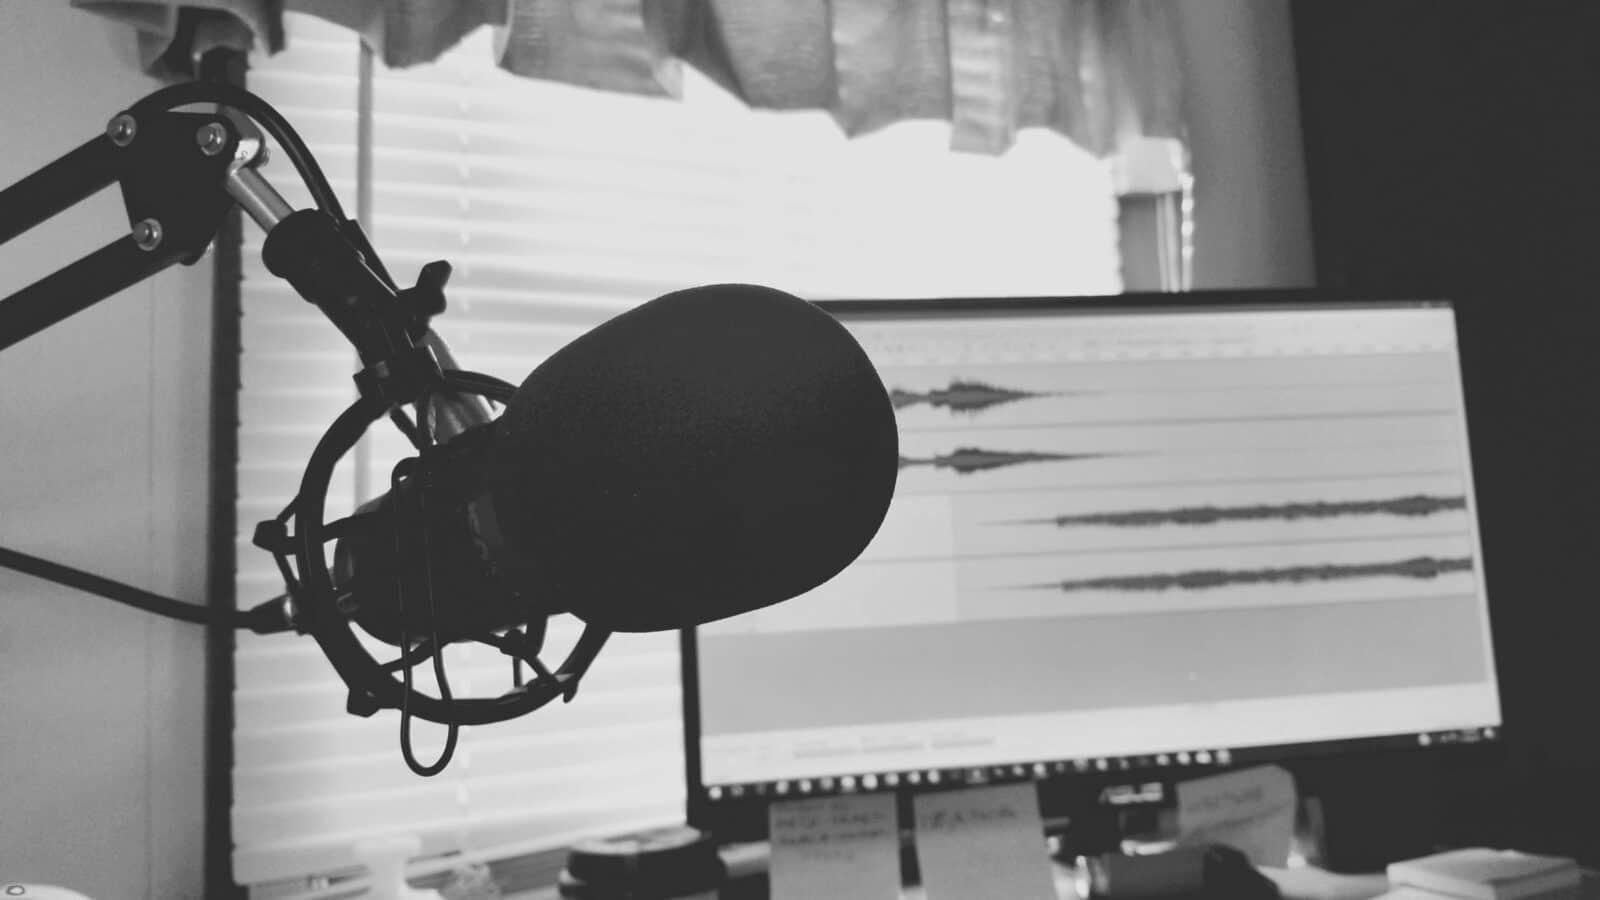 6 เทคนิคการพูดใน Podcast เพื่อให้มีประสิทธิภาพสูงสุด ใช้ได้กับทั้ง Host และแขก